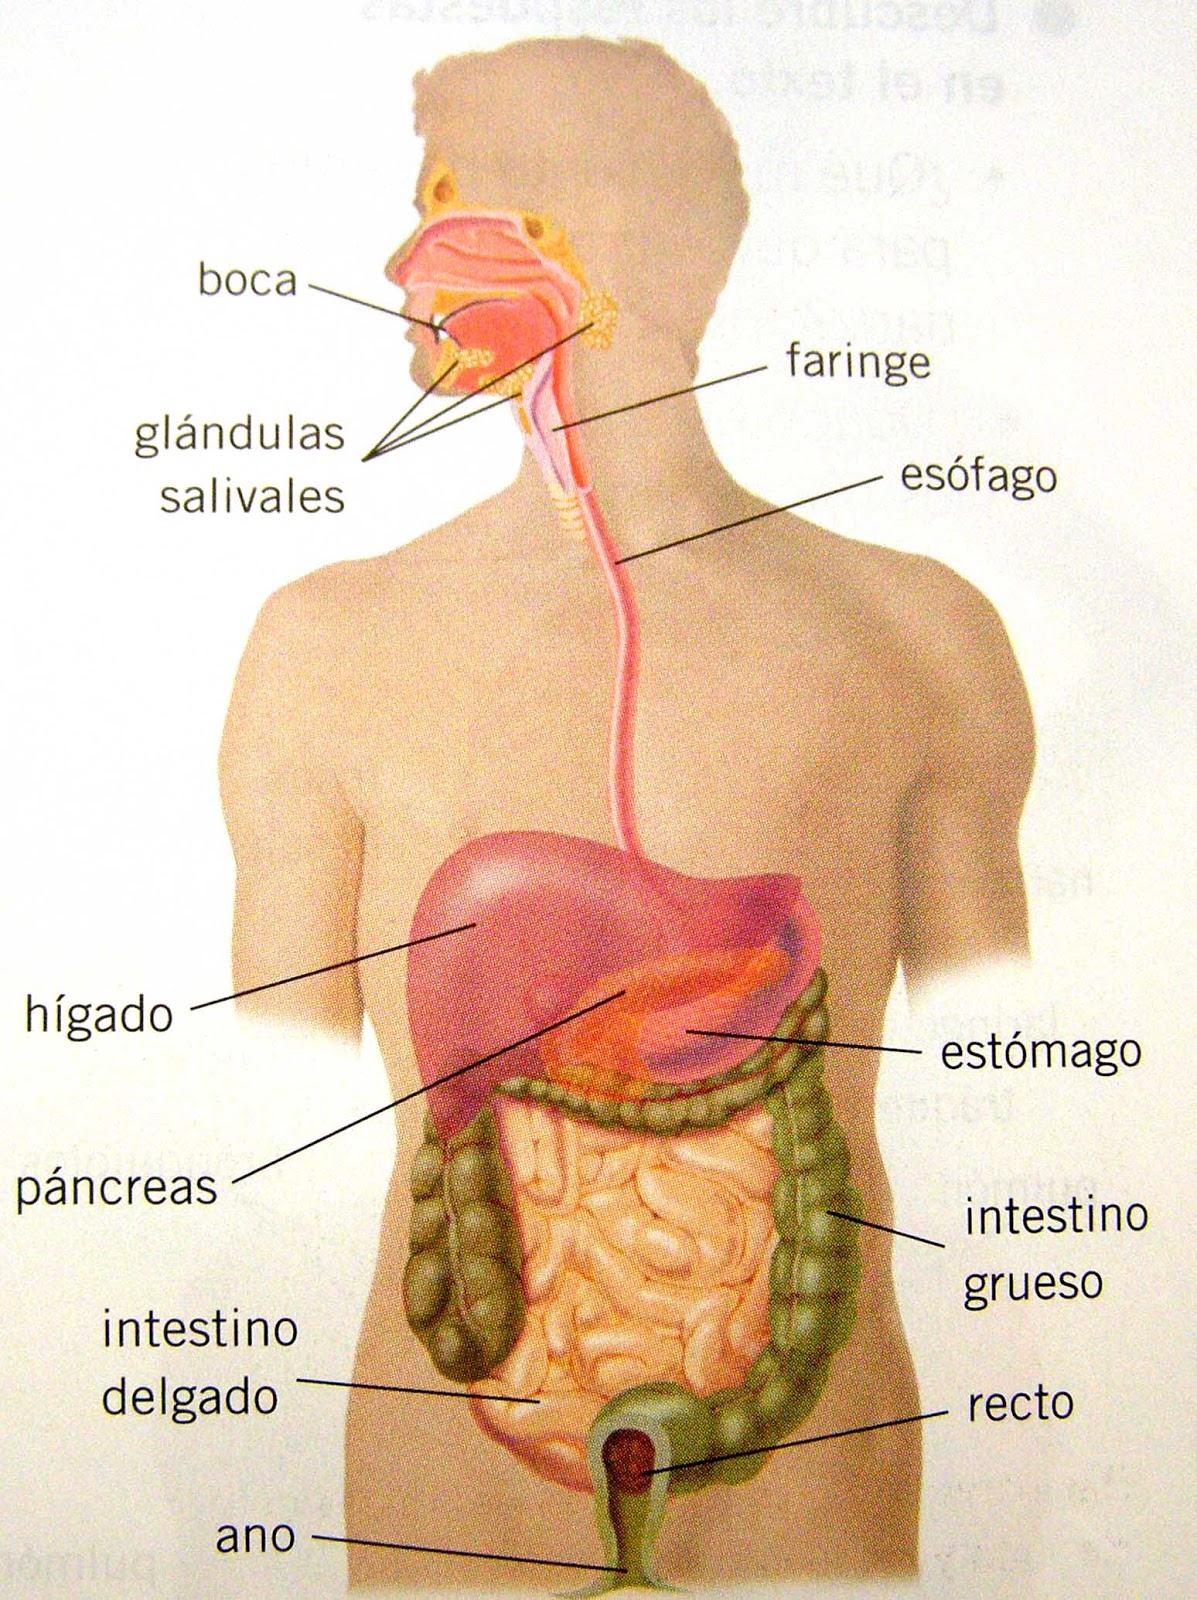 Encantador Cuerpo Humano Interno Foto - Anatomía de Las Imágenesdel ...